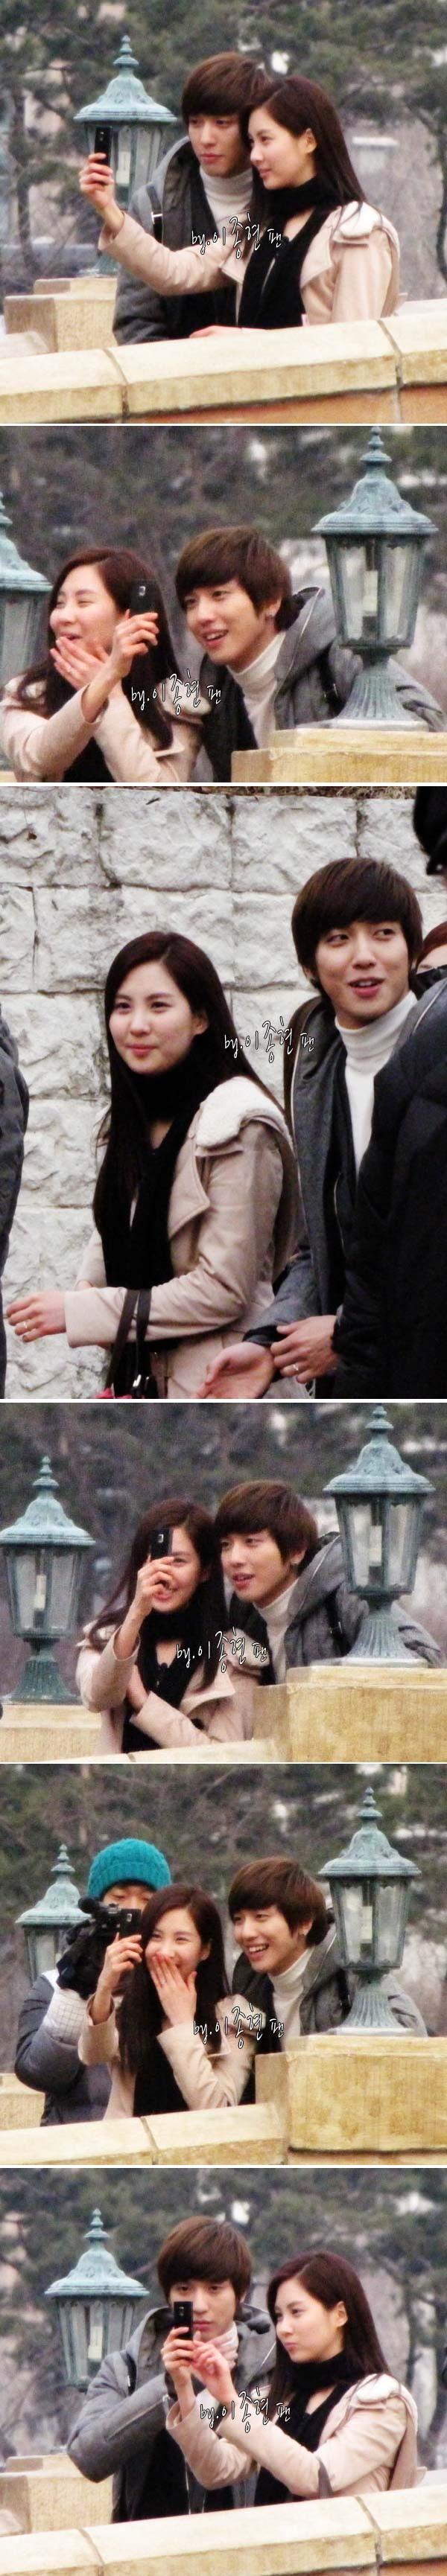 Seohyun yonghwa dating scandal